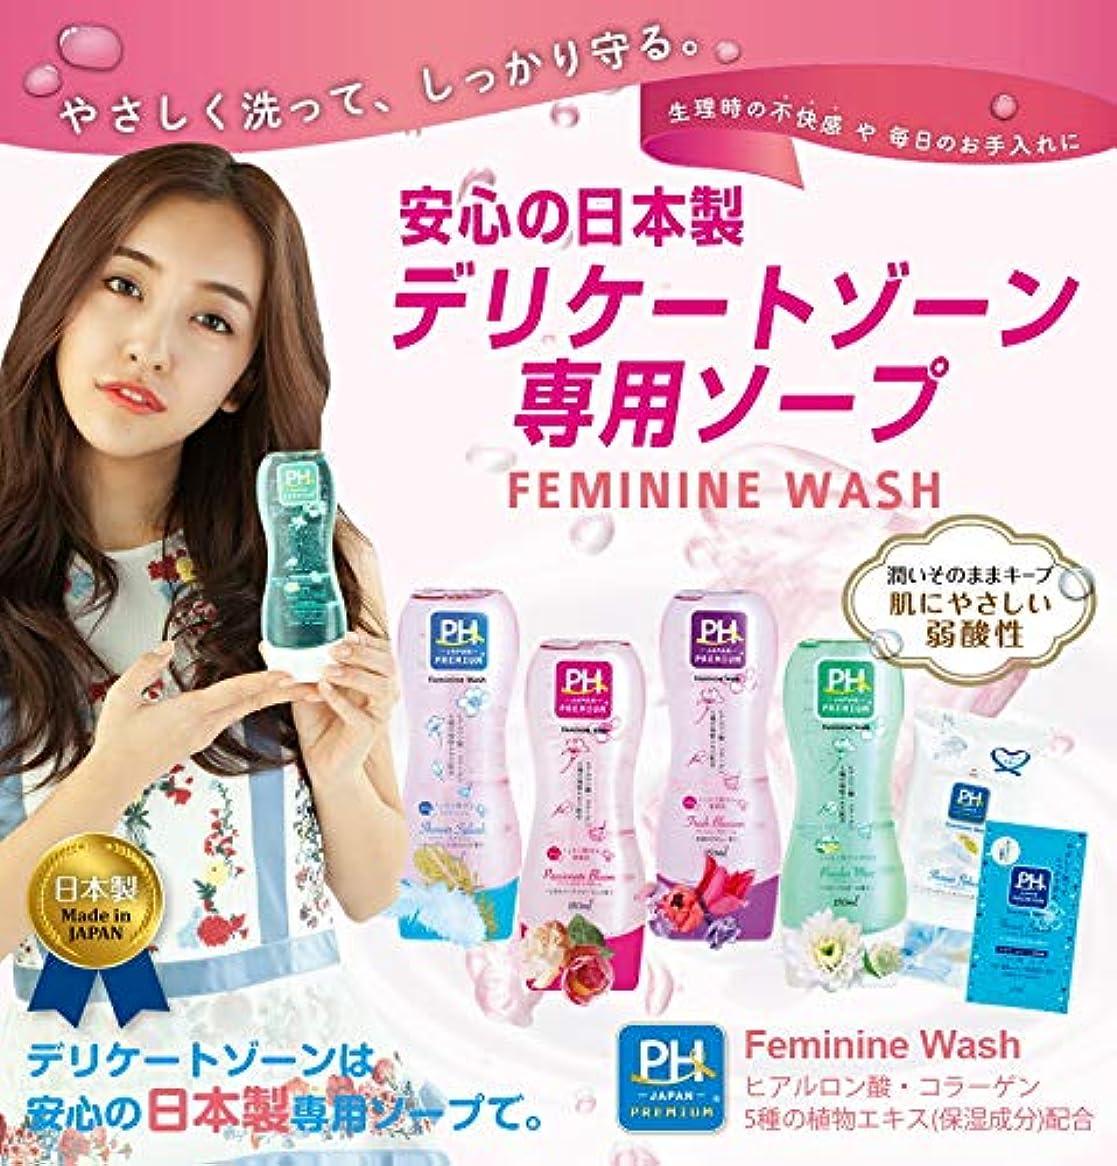 蒸し器痛み少ないパウダーミント4本セット PH JAPAN フェミニンウォッシュ ベビーパウダーの香り